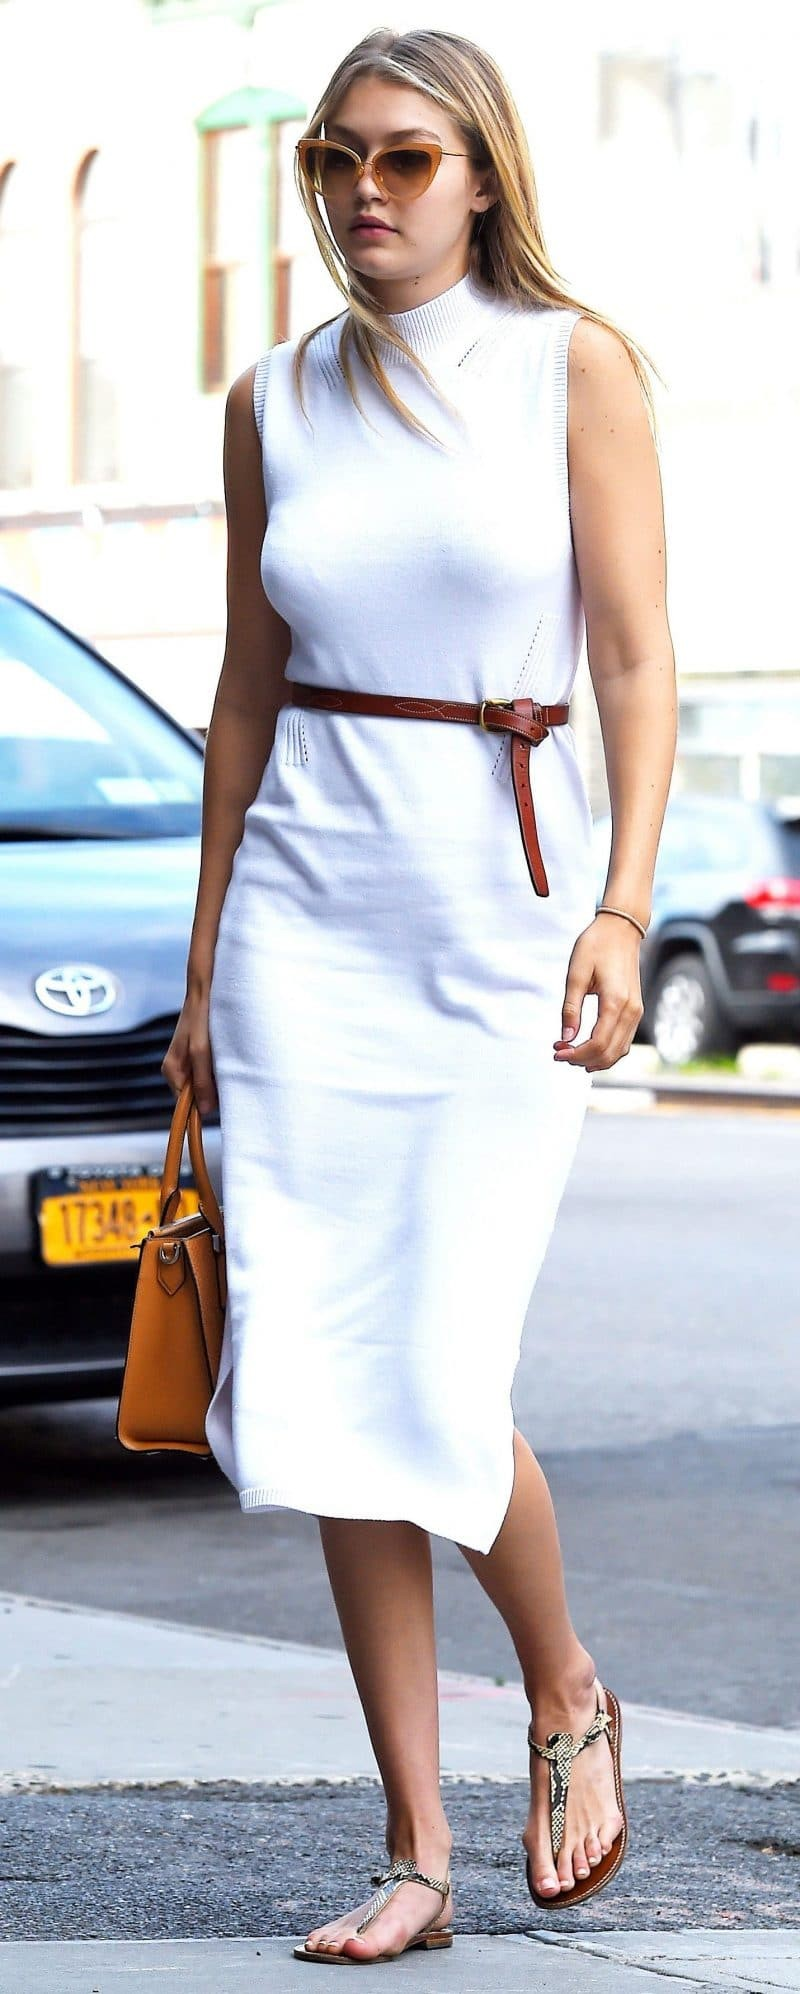 e569b2c4359 7 τρόποι να φορέσεις το λευκό σου φόρεμα! Πως να πραγματοποιήσεις ...